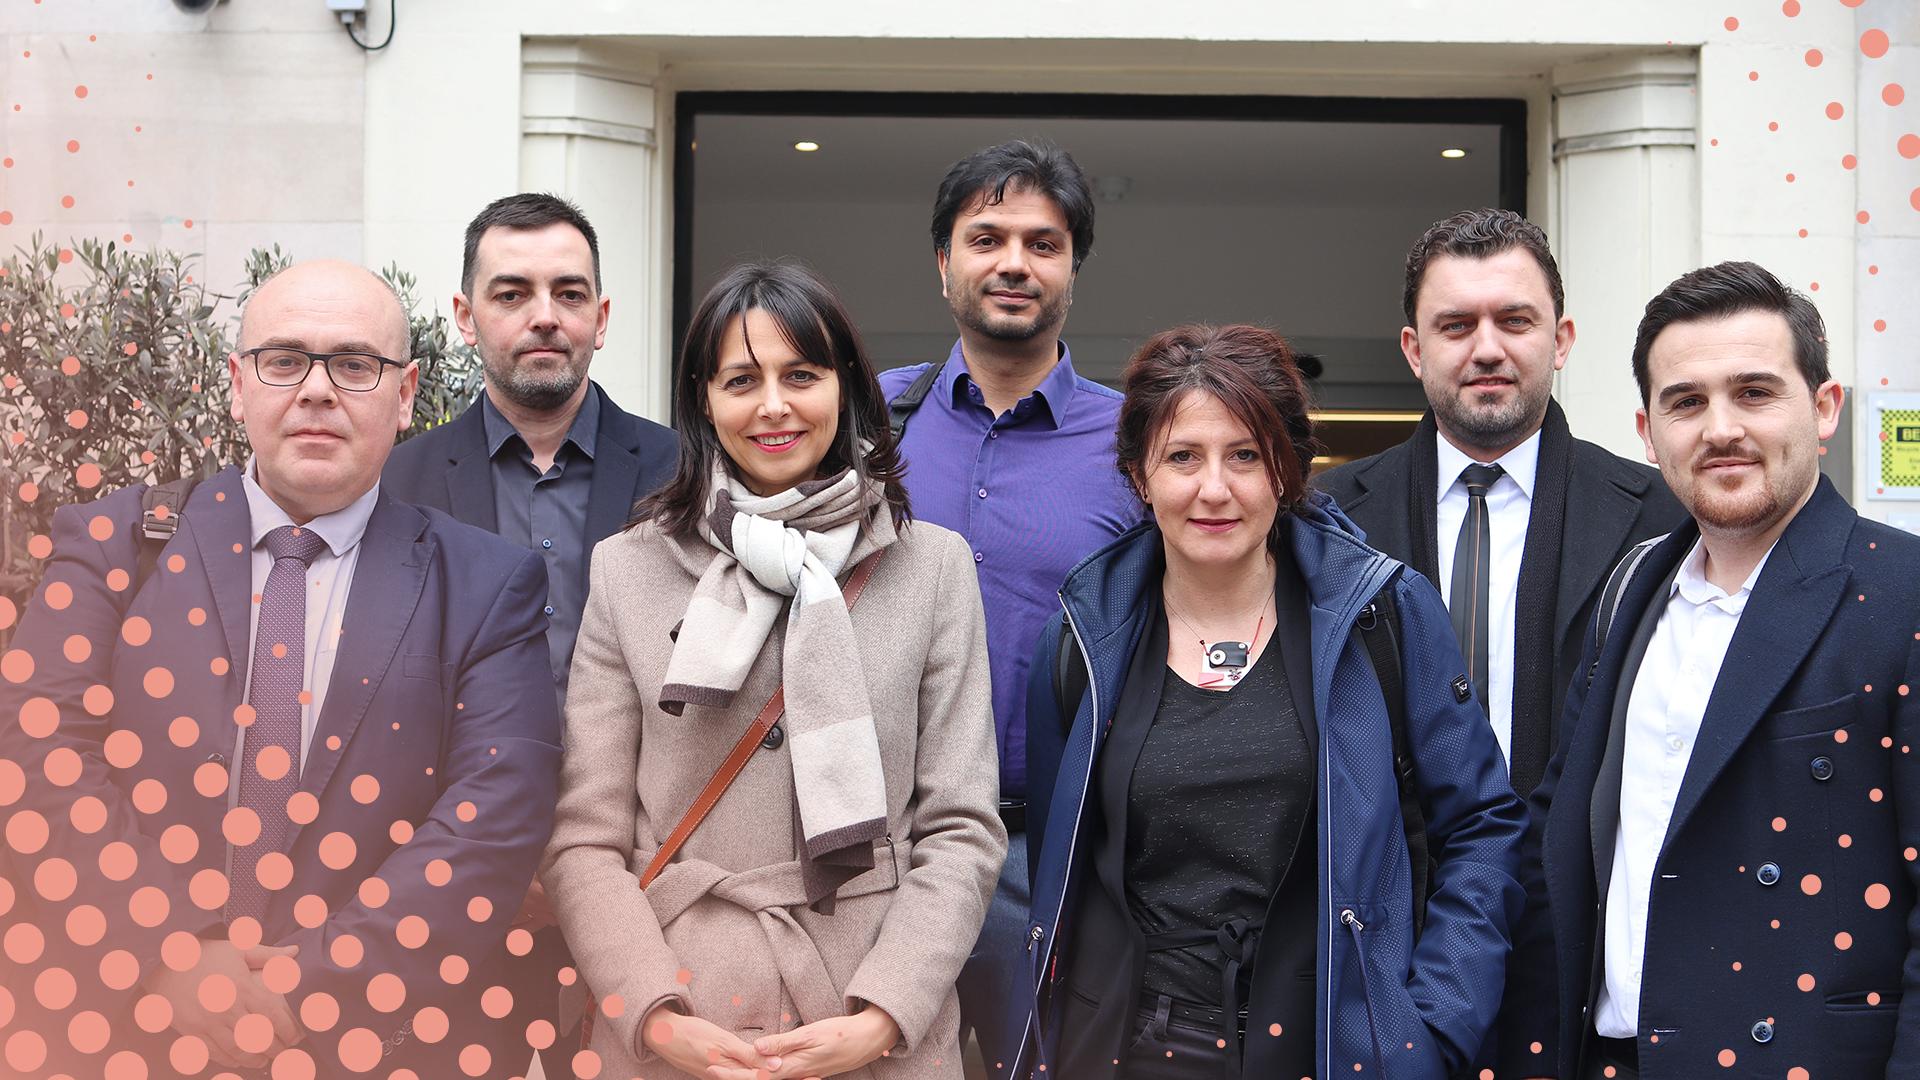 Meet our Chevening Western Balkans Cyber Security Fellows